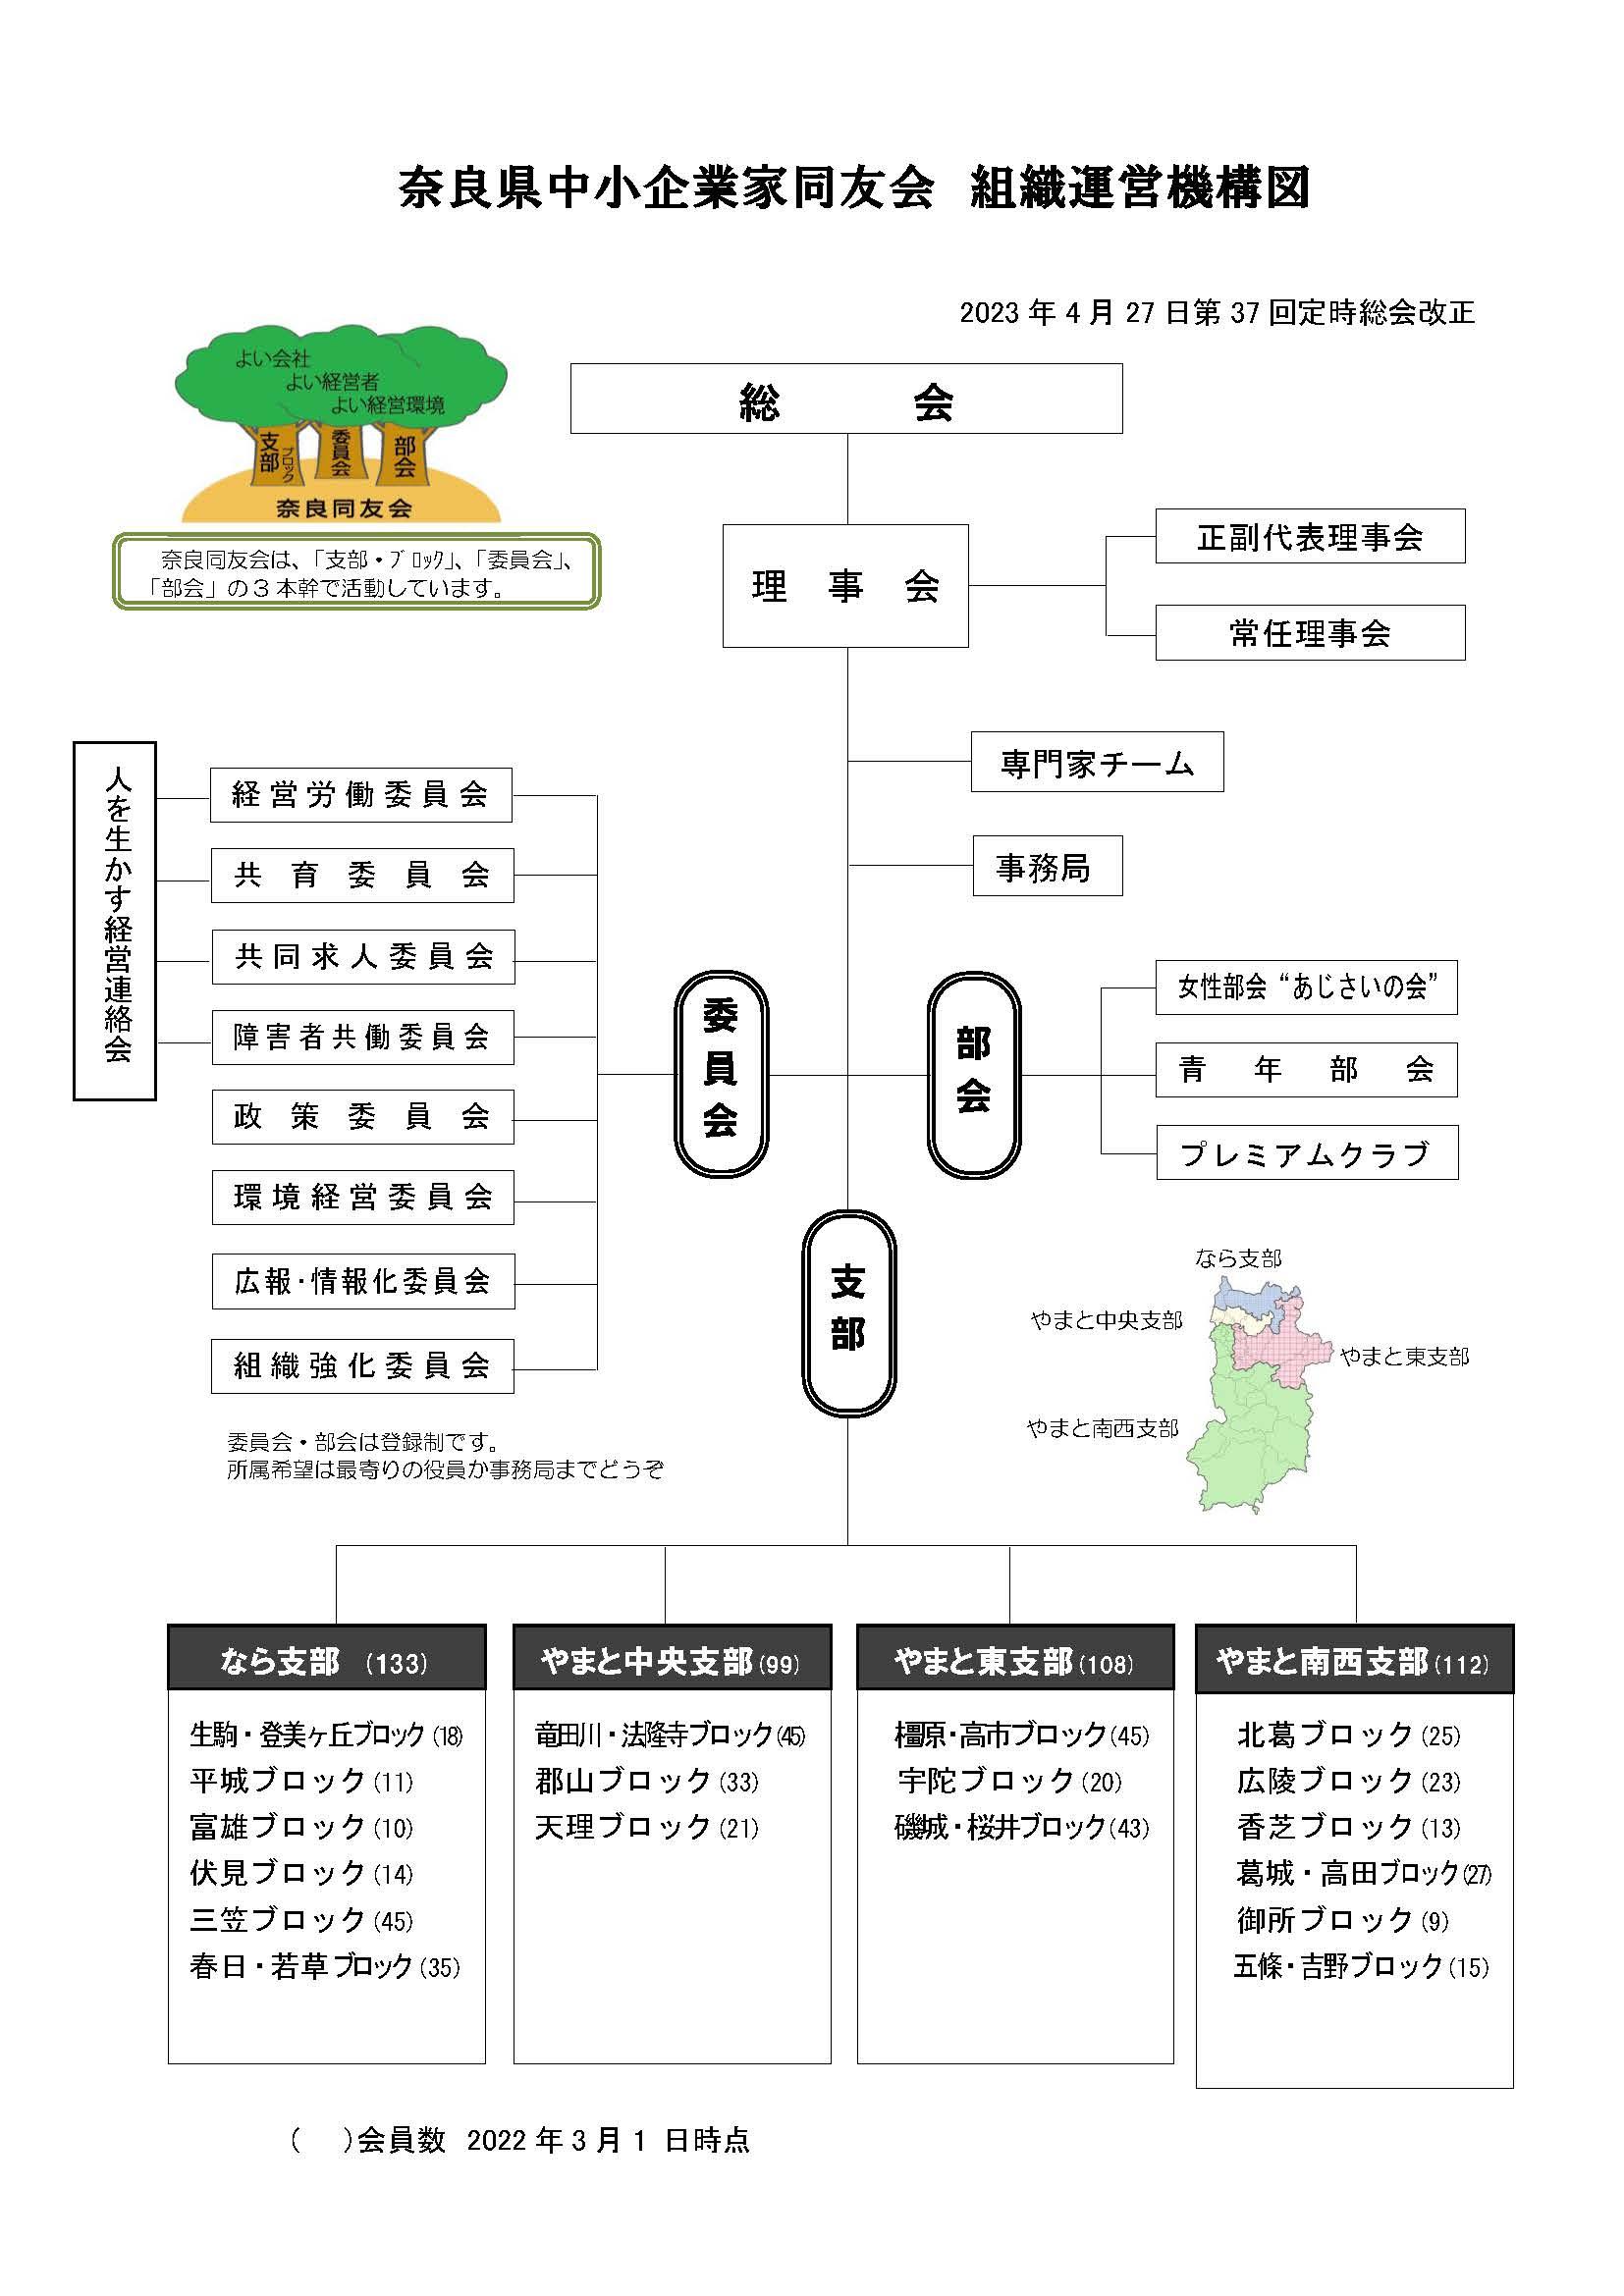 奈良同友会組織図